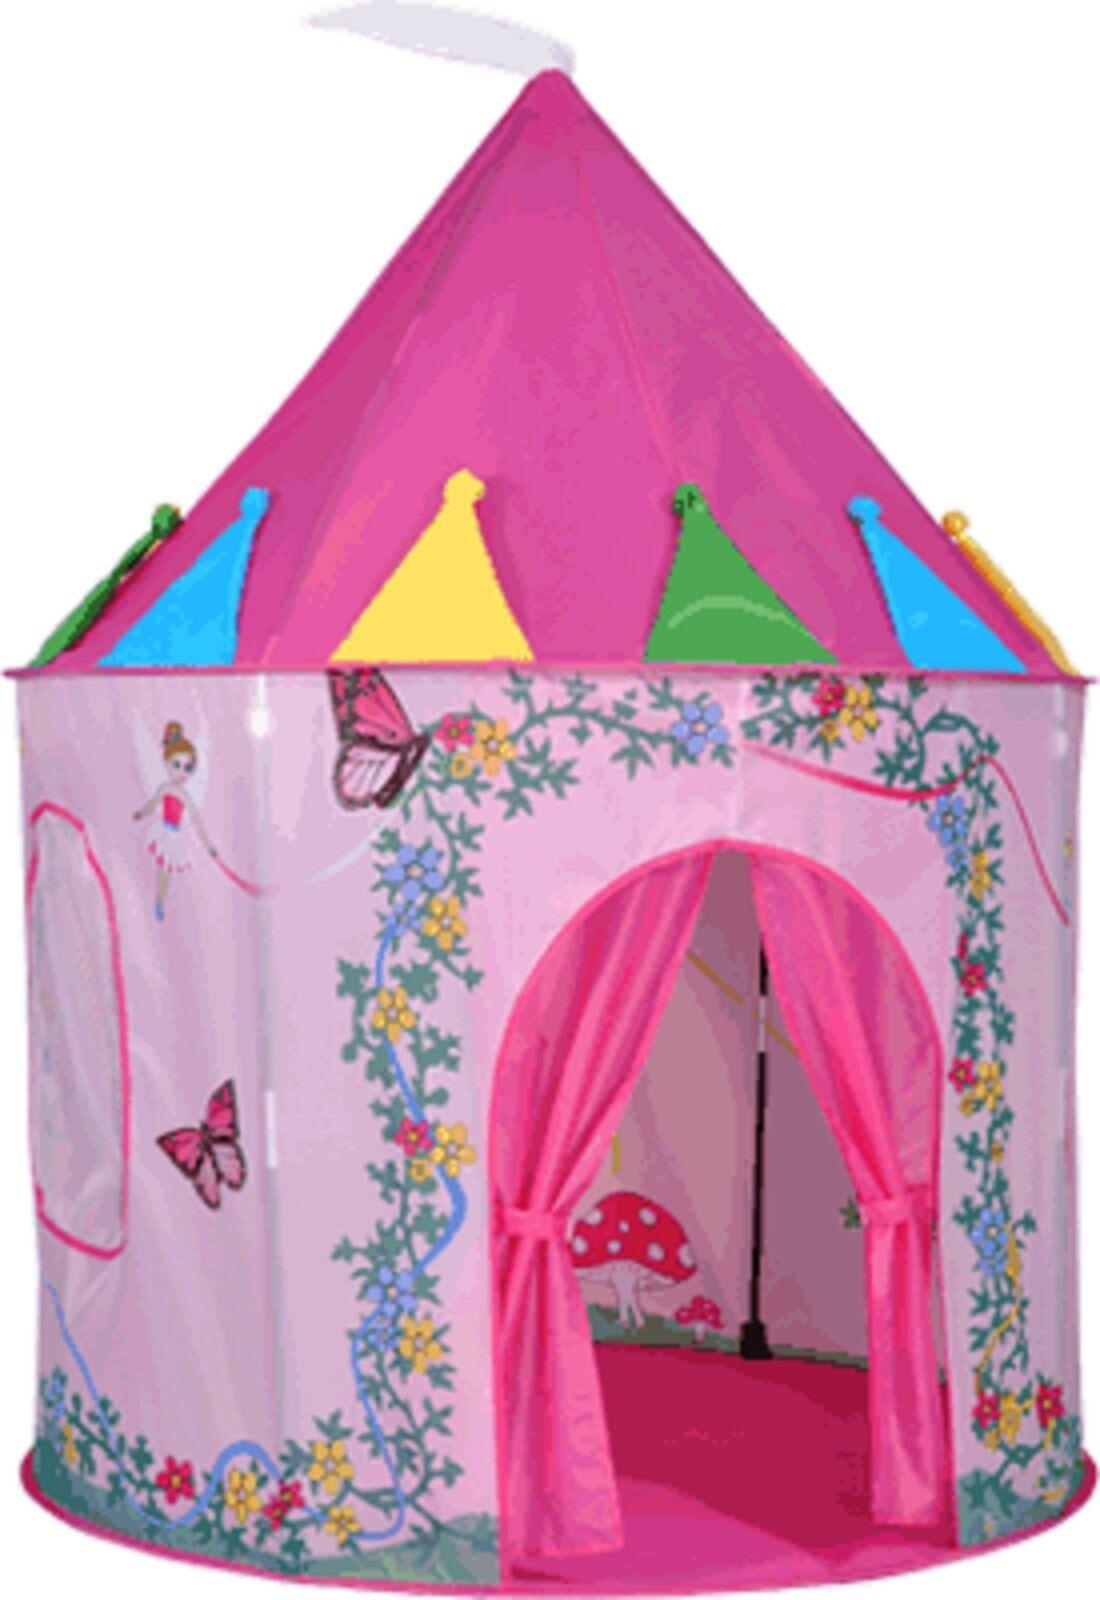 Kinder Spielzelt Mädchen Jungs Märchen Dinosaurier Dinosaurier Dinosaurier Kinder Pop Up Spielhaus Zelte ea04d6